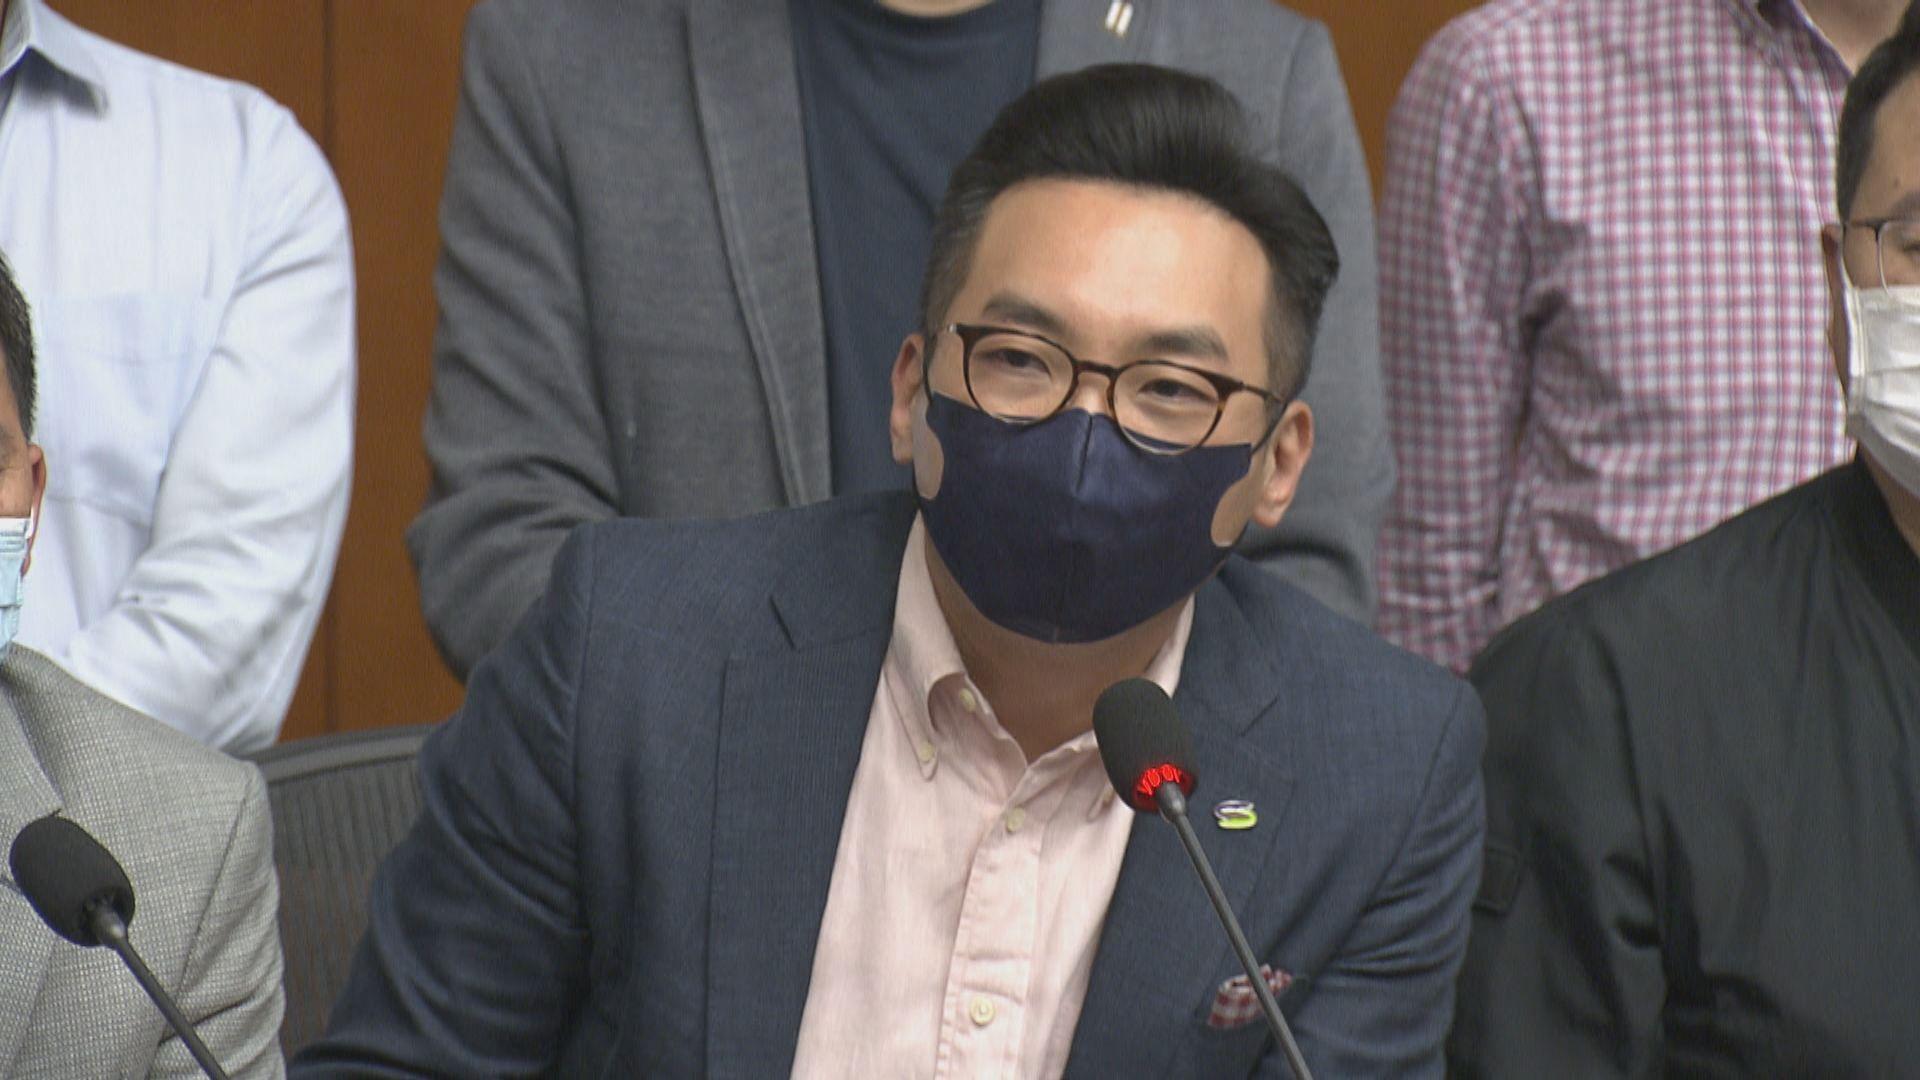 民主派指只是按議事規則監察政府 批北京破壞基本法